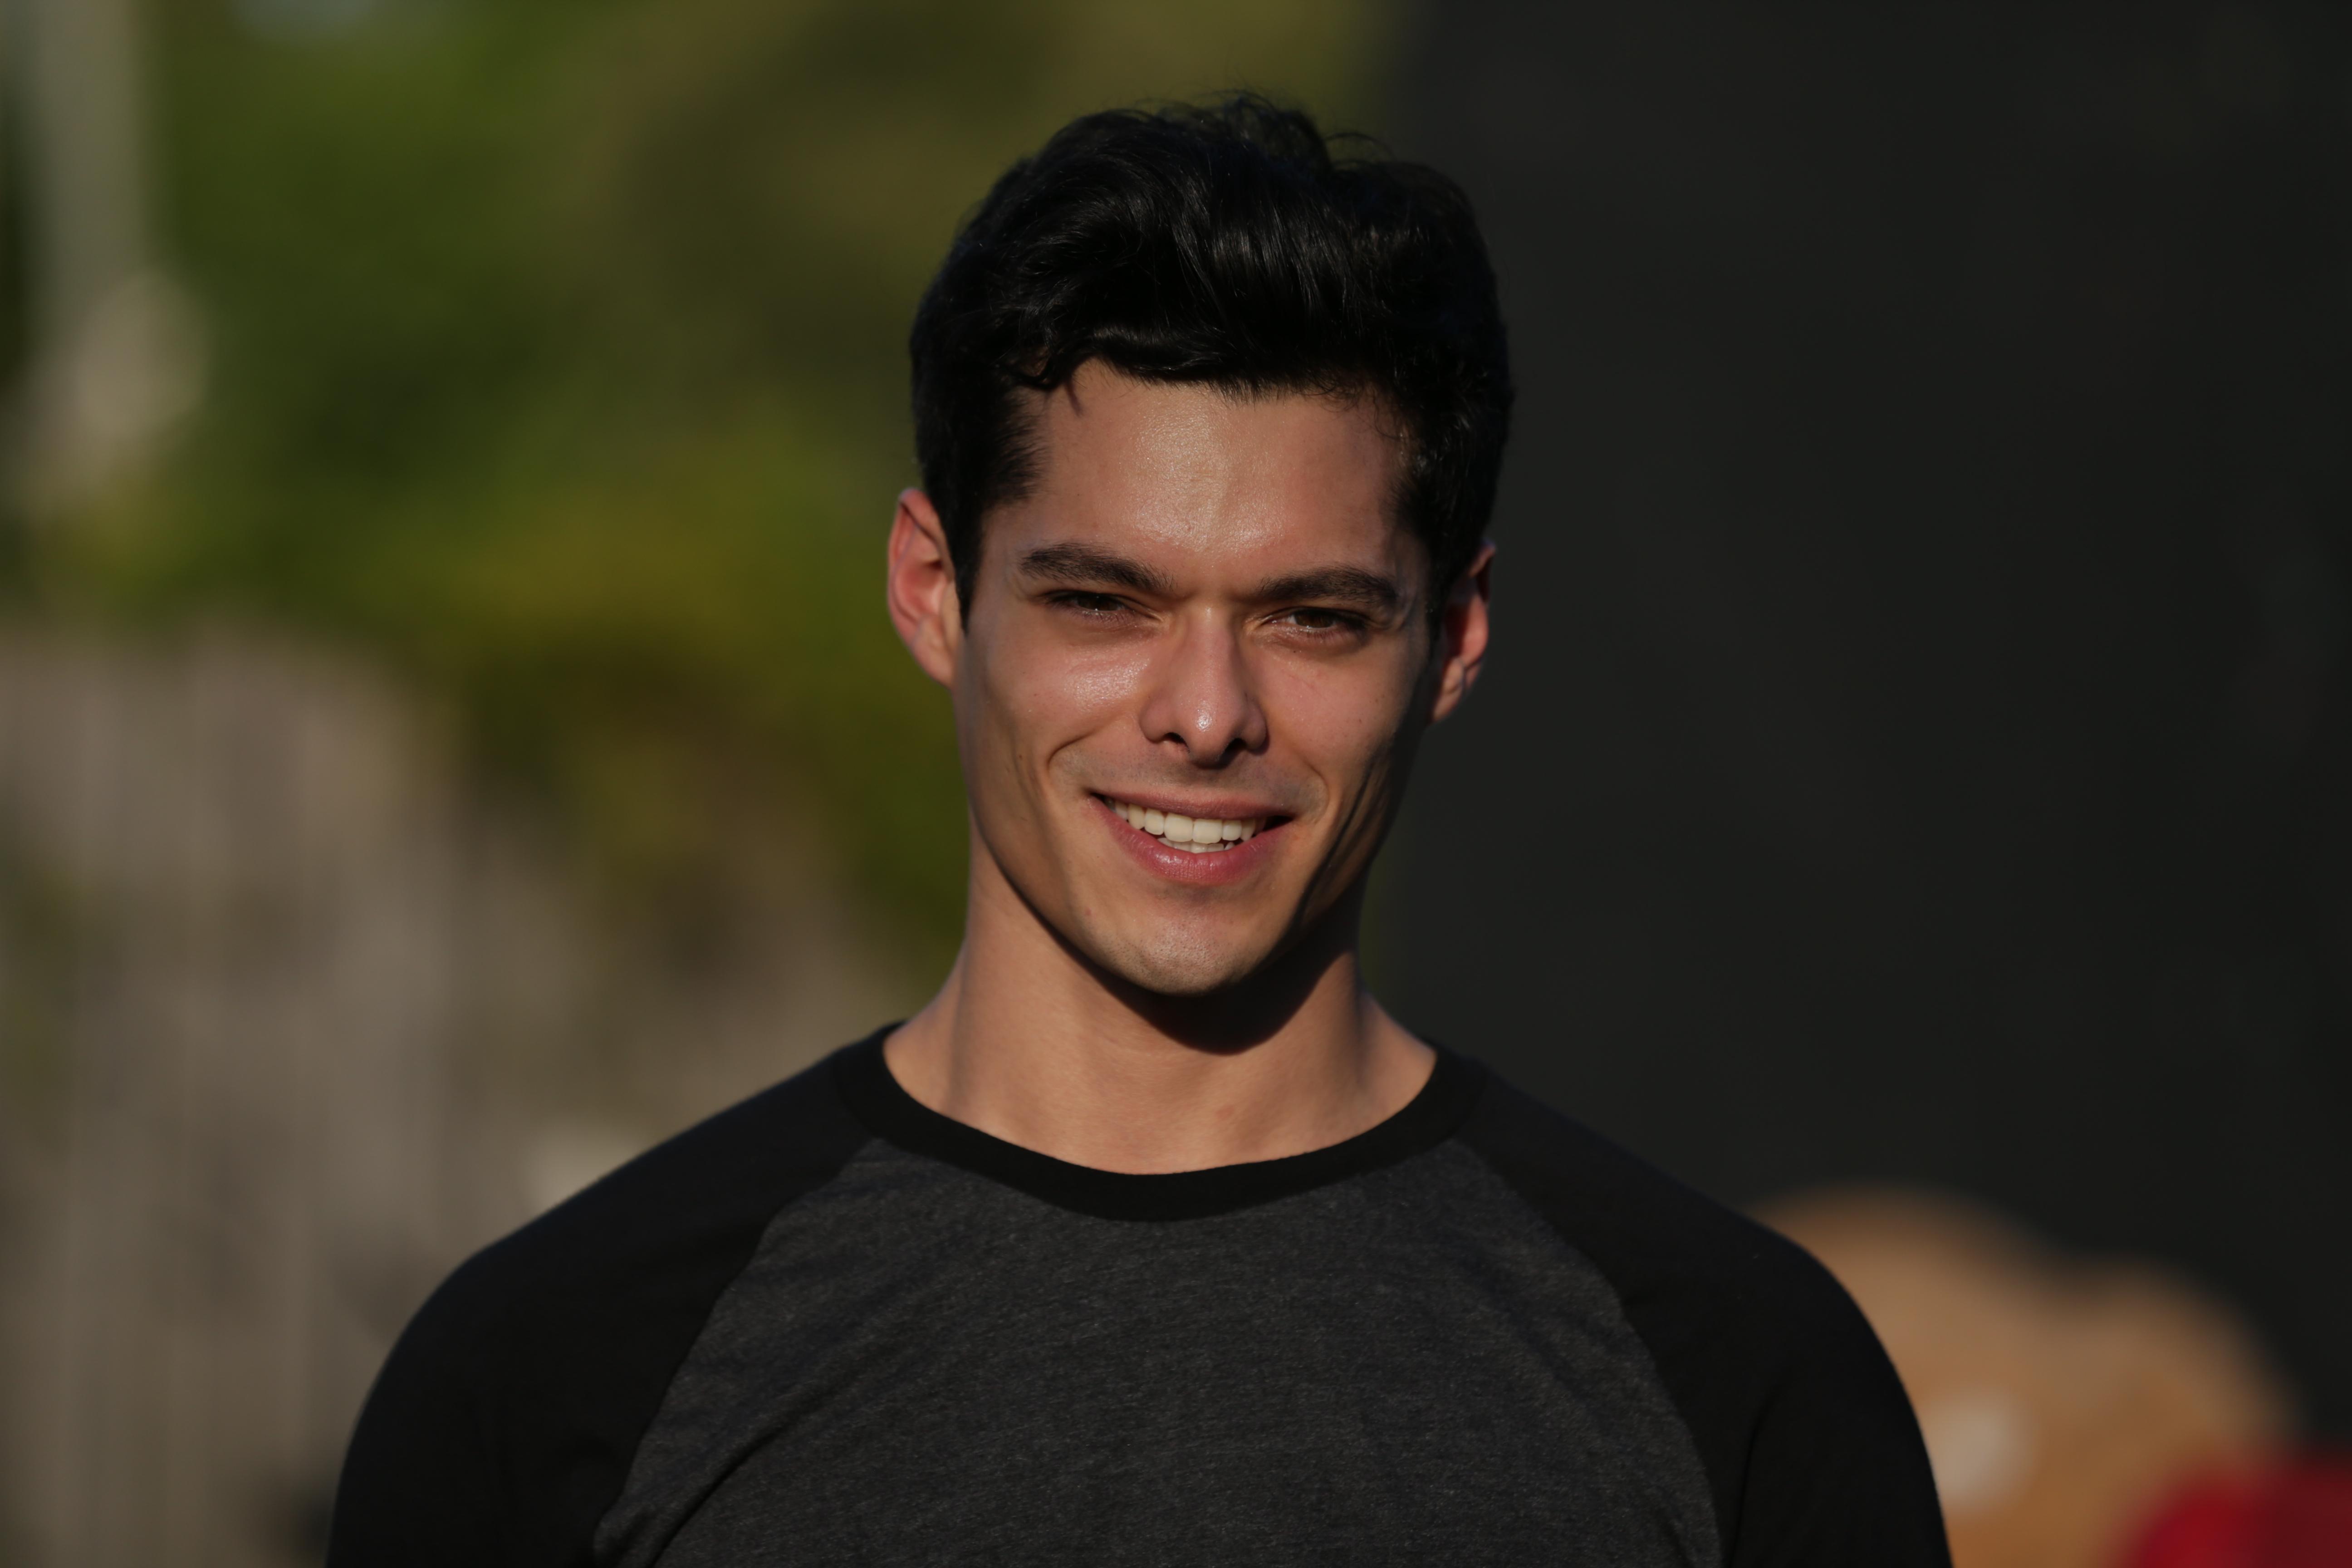 Mauricio Novoa